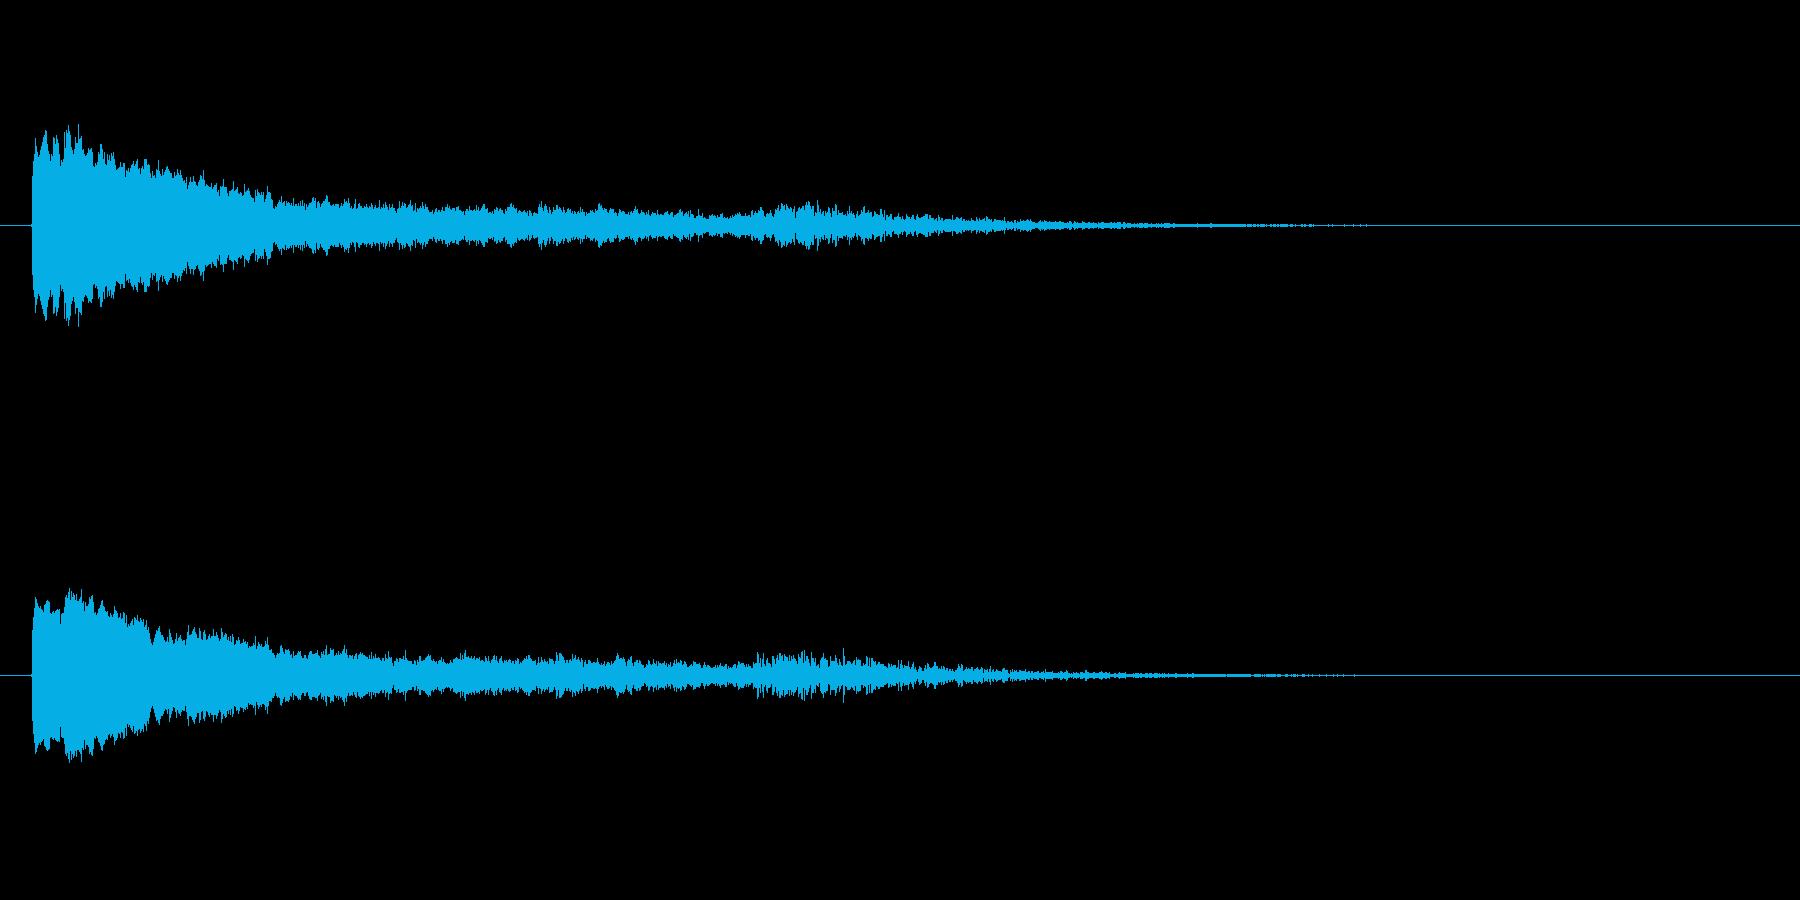 ワープする時のピュイーンやひゅーんとい…の再生済みの波形